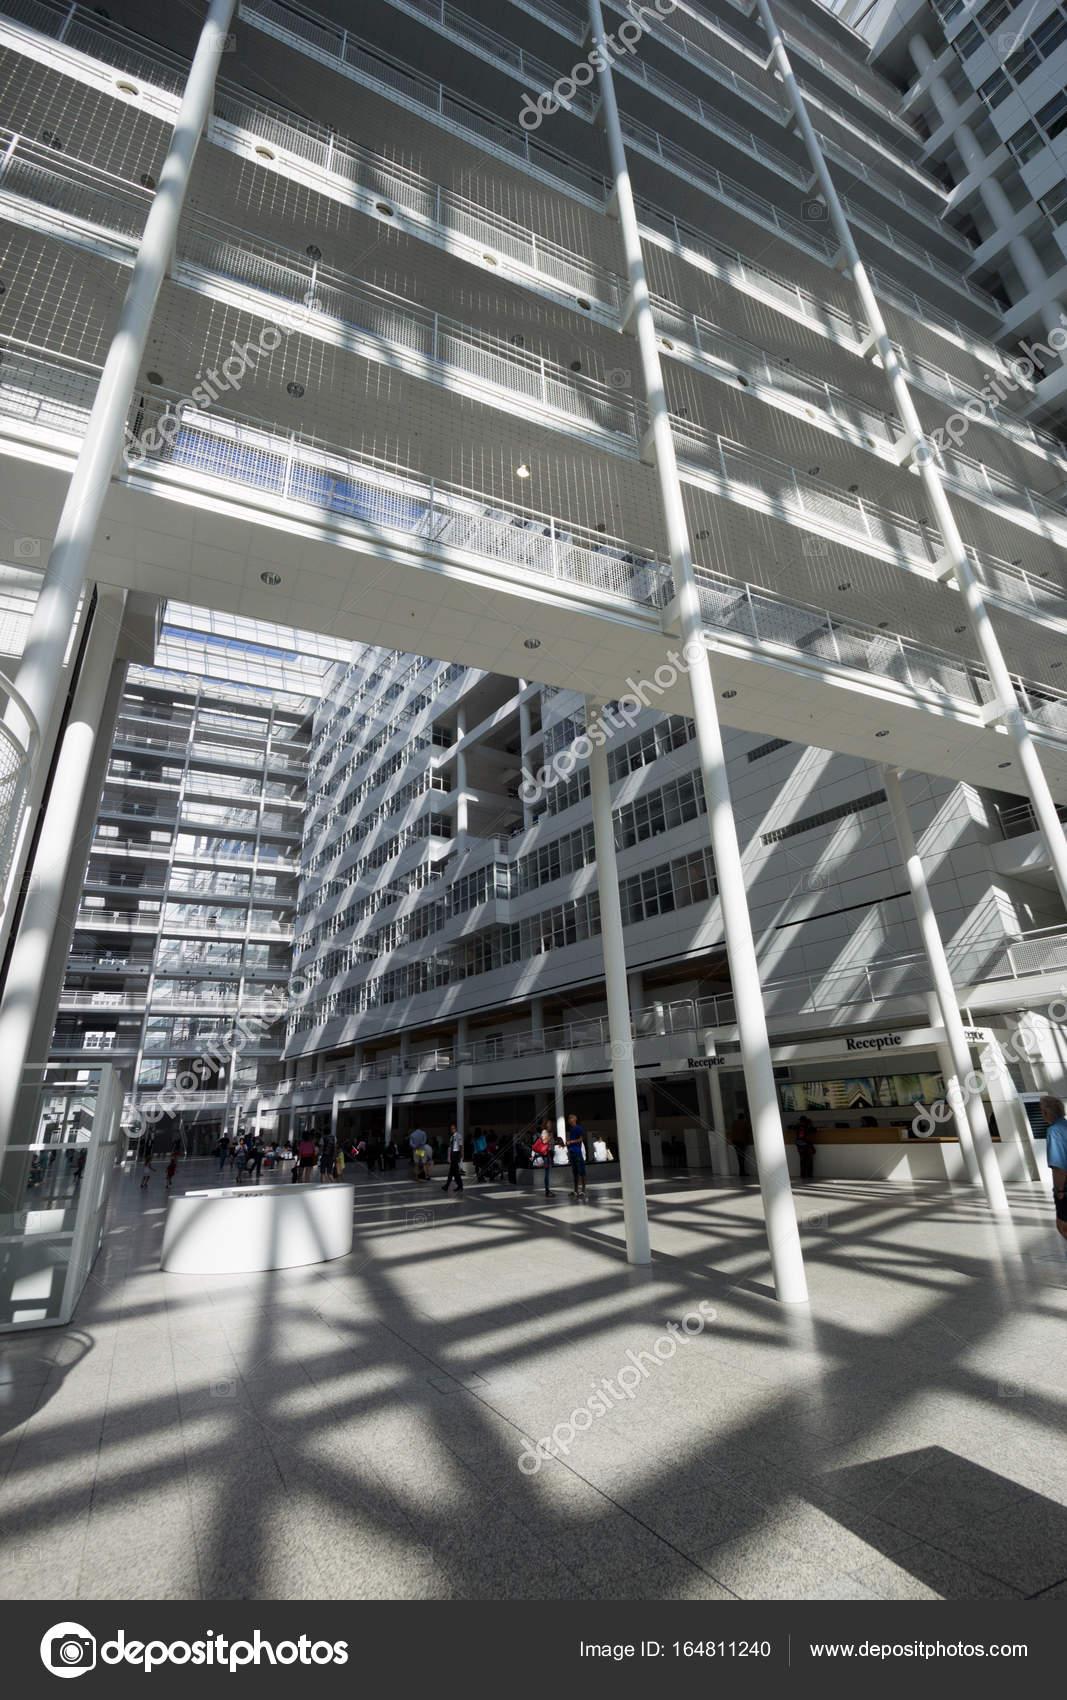 Den Haag Interieur Rathaus Architektur — Redaktionelles Stockfoto ...